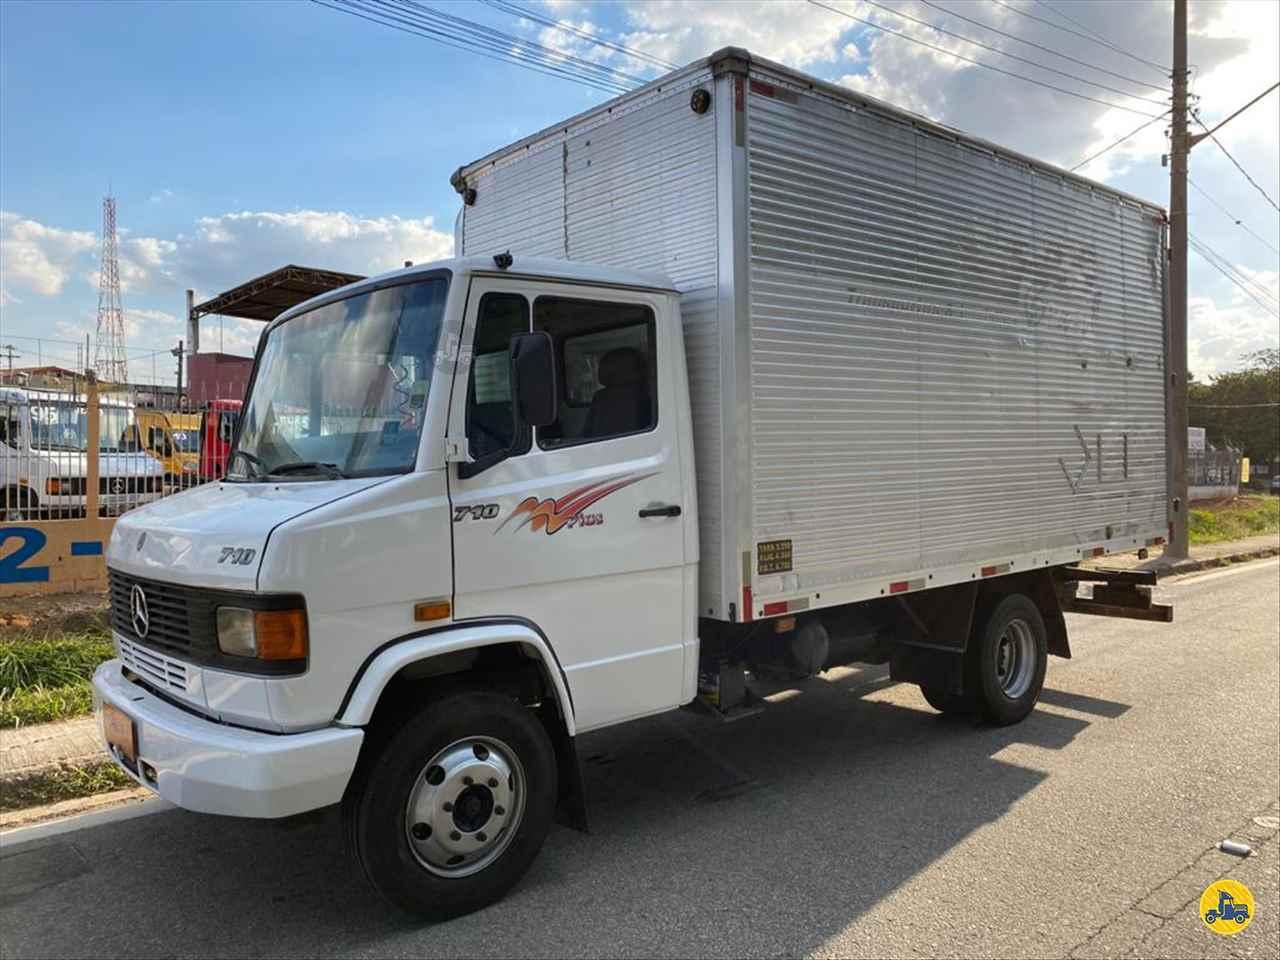 CAMINHAO MERCEDES-BENZ MB 710 Baú Furgão 3/4 4x2 Rota 61 Veículos JUNDIAI SÃO PAULO SP